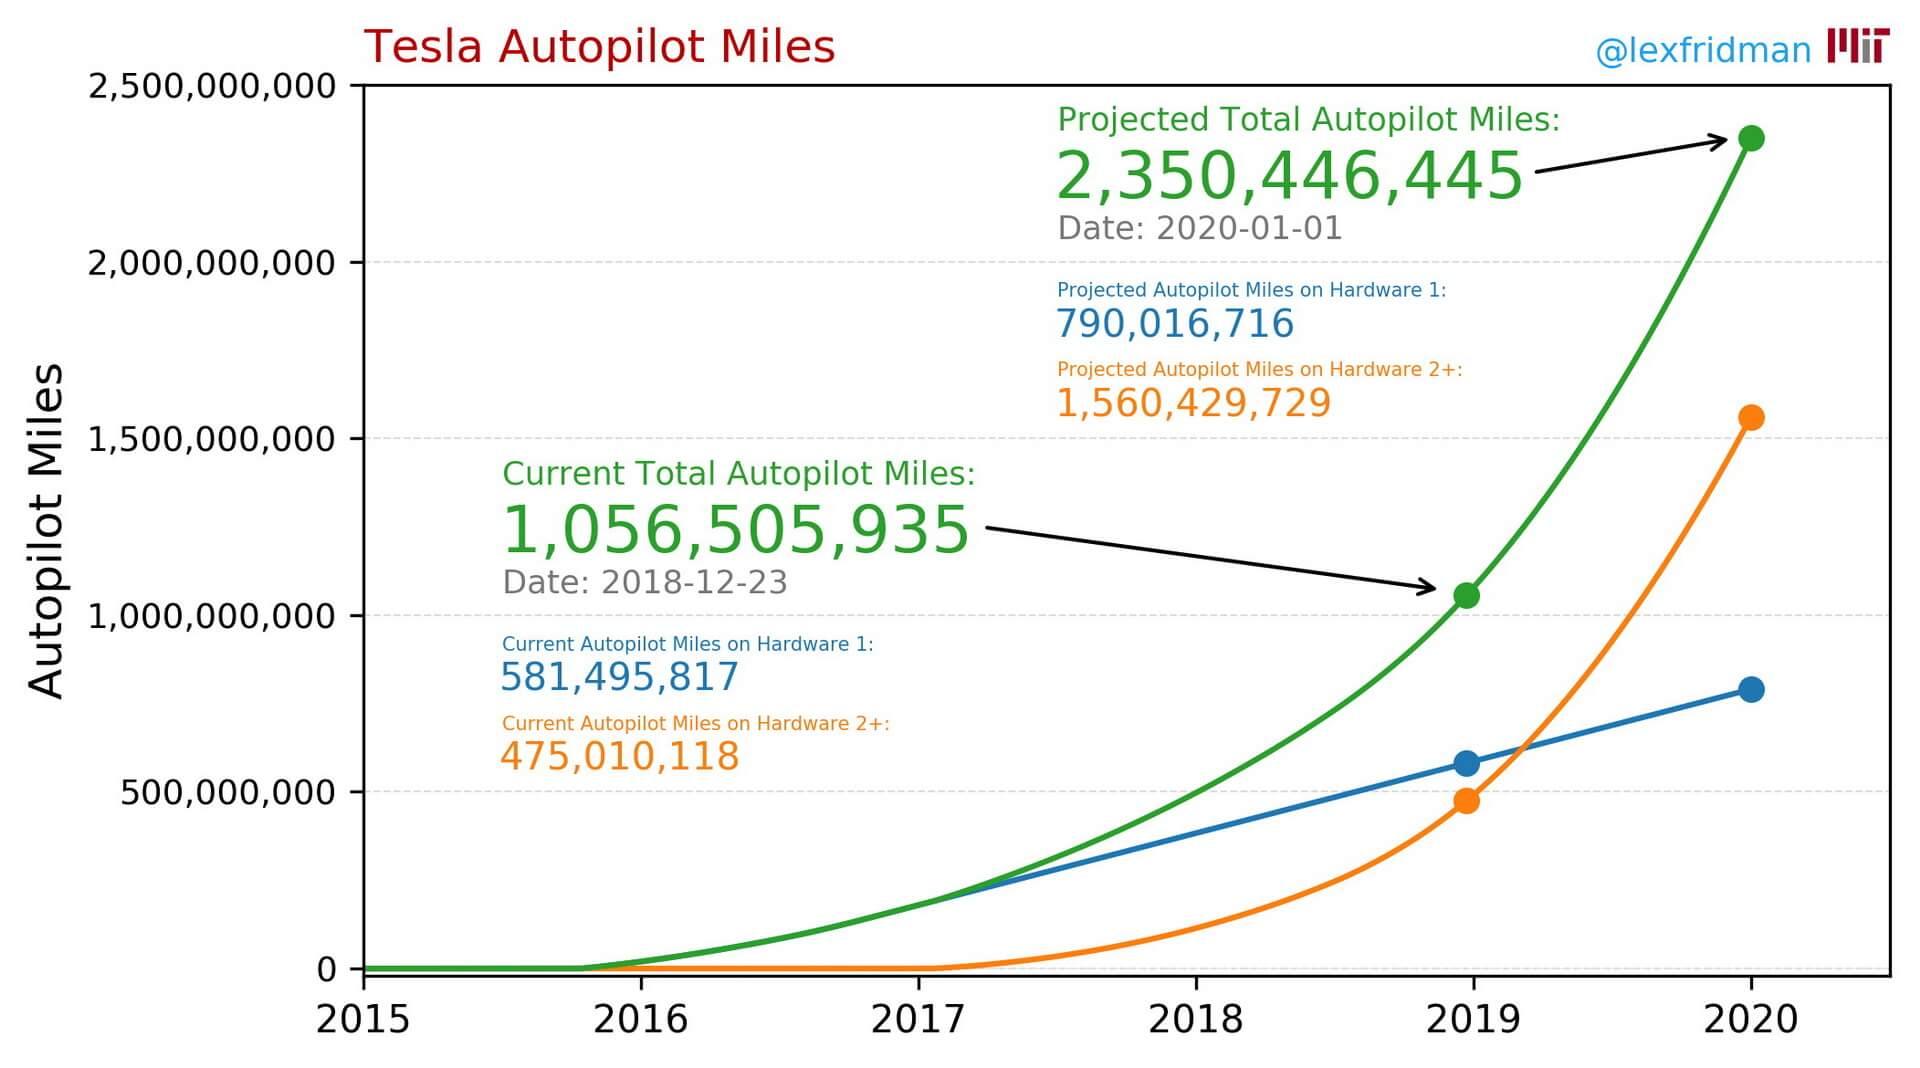 График пройденных миль автопилотом Tesla на конец 2018 и начало 2020 года